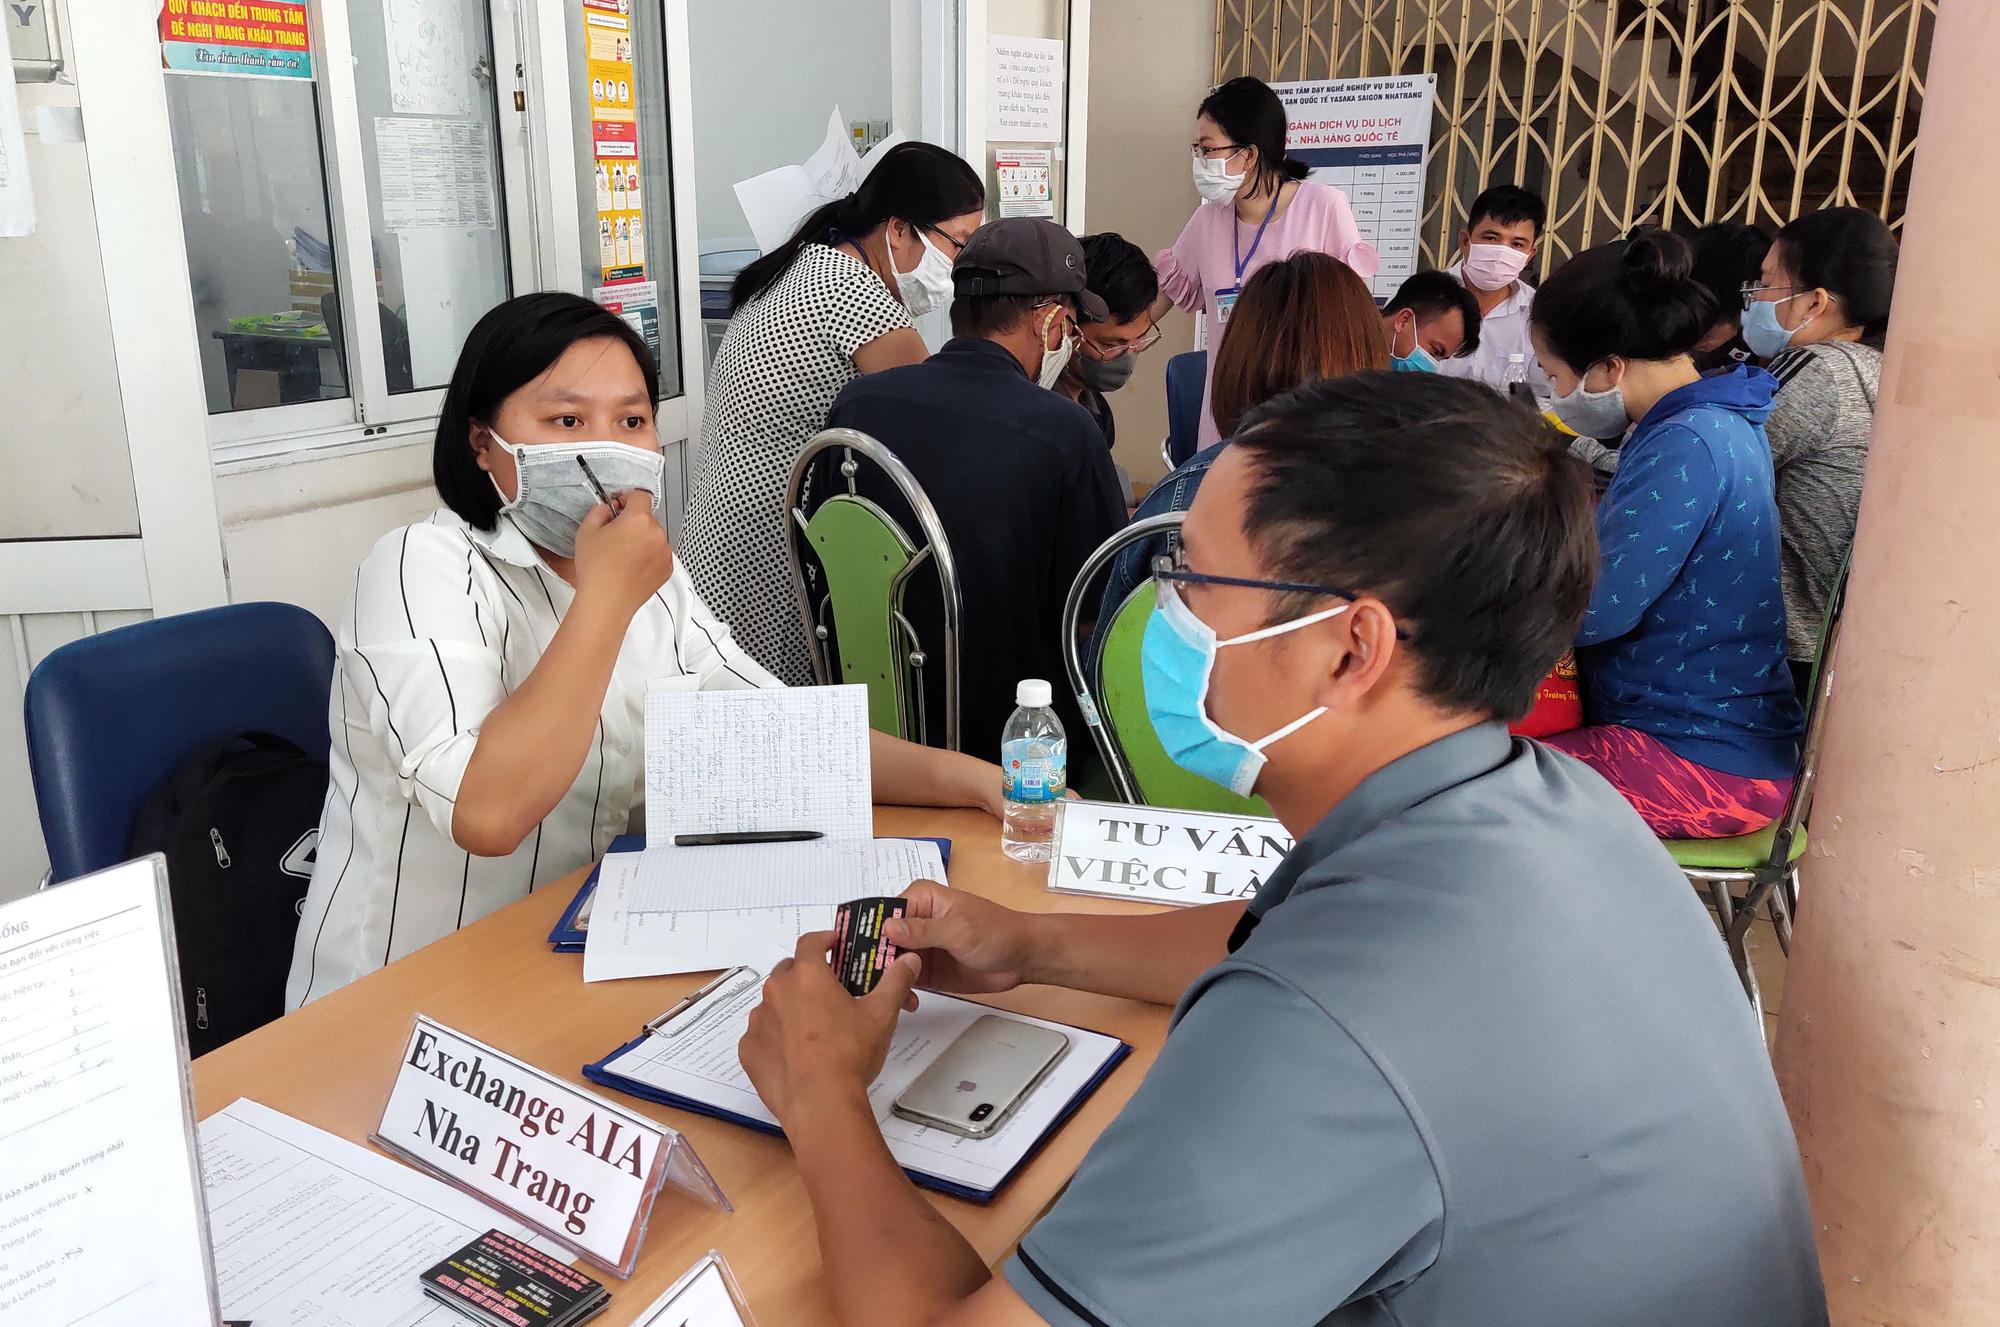 Khánh Hòa: Hàng nghìn lao động mất việc, nhân viên Trung tâm Dịch vụ việc làm mướt mồ hôi giải quyết hồ sơ - Ảnh 3.